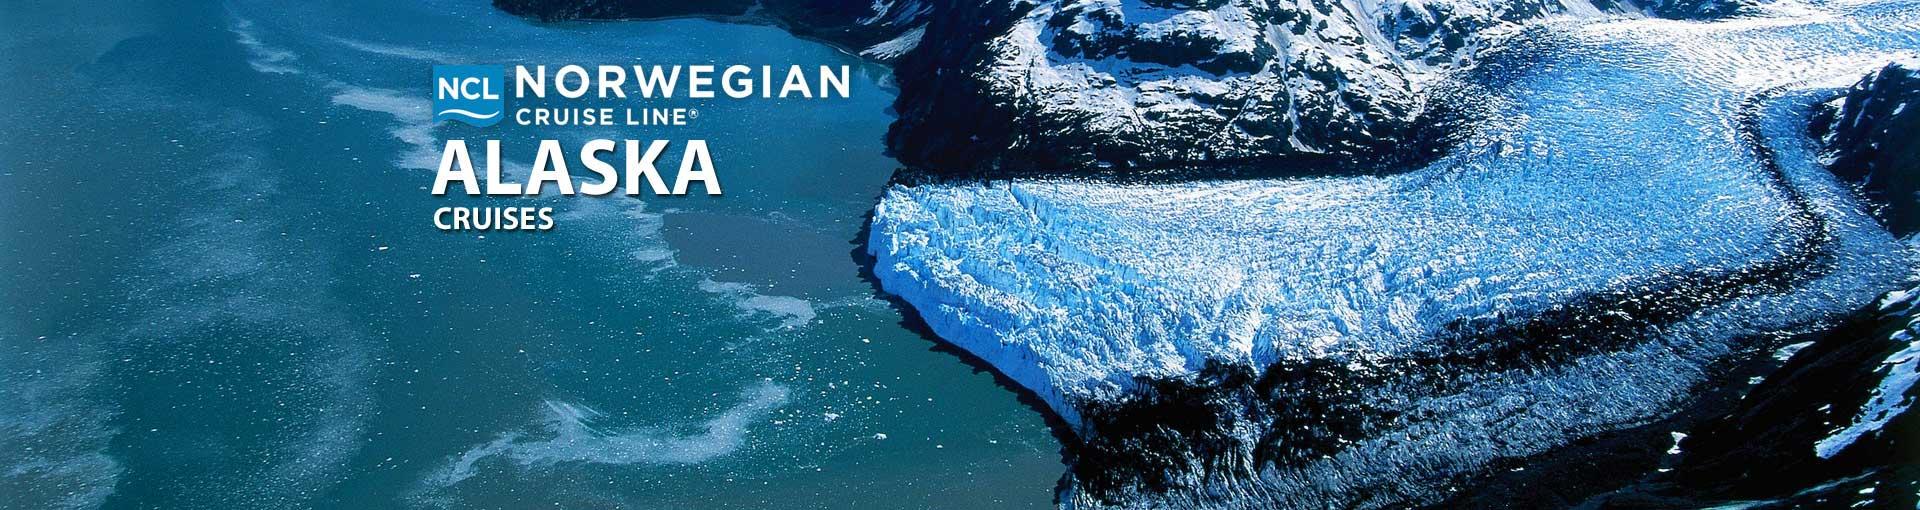 Norwegian Alaska Cruises 2017 And 2018 Alaskan Norwegian